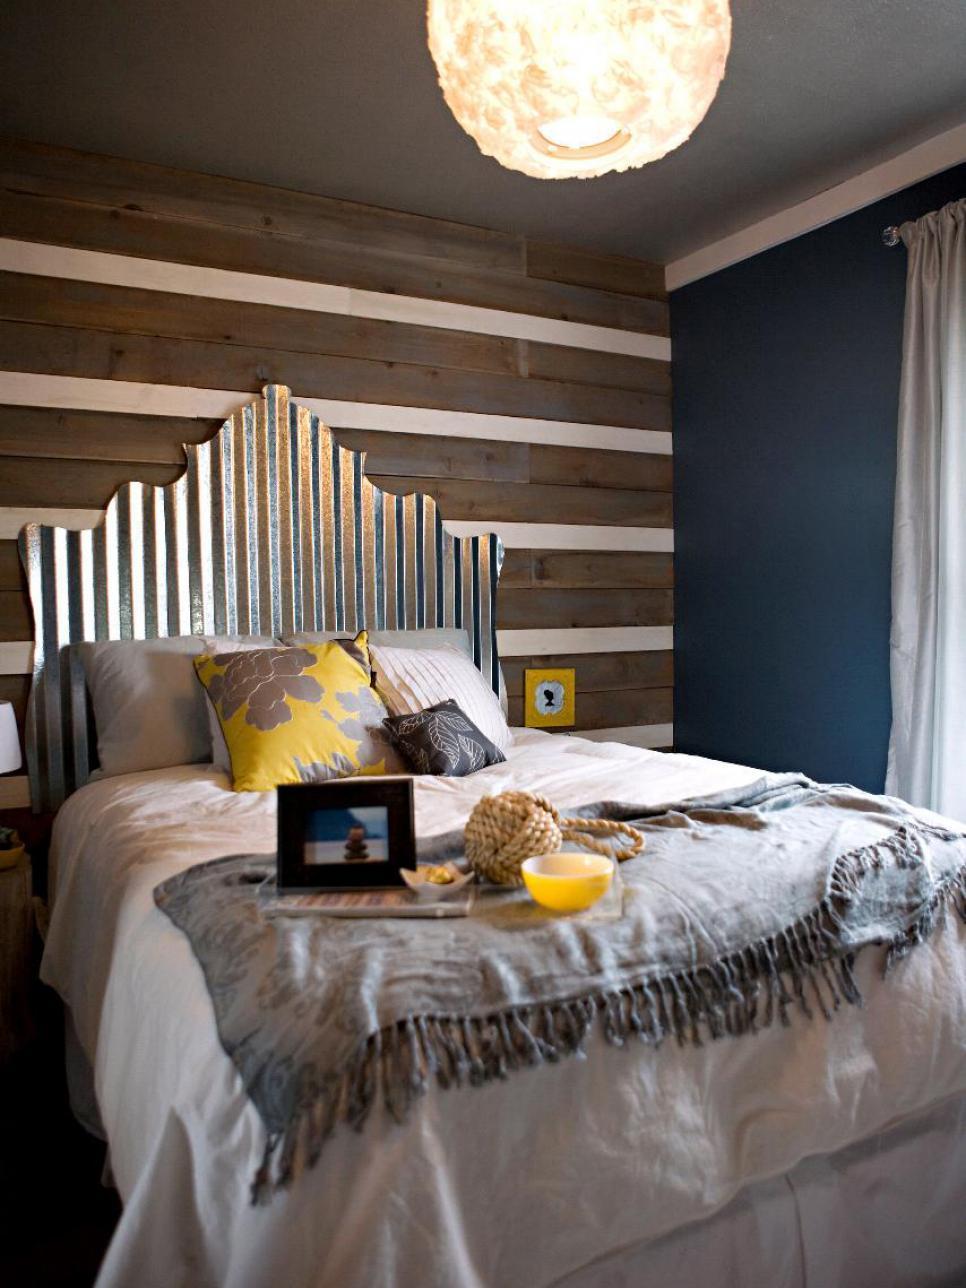 20 ไอเดียการตกแต่งหัวเตียงแบบ D.I.Y เพื่อให้ความสวยงามแก่ห้องนอน รูปที่ 19